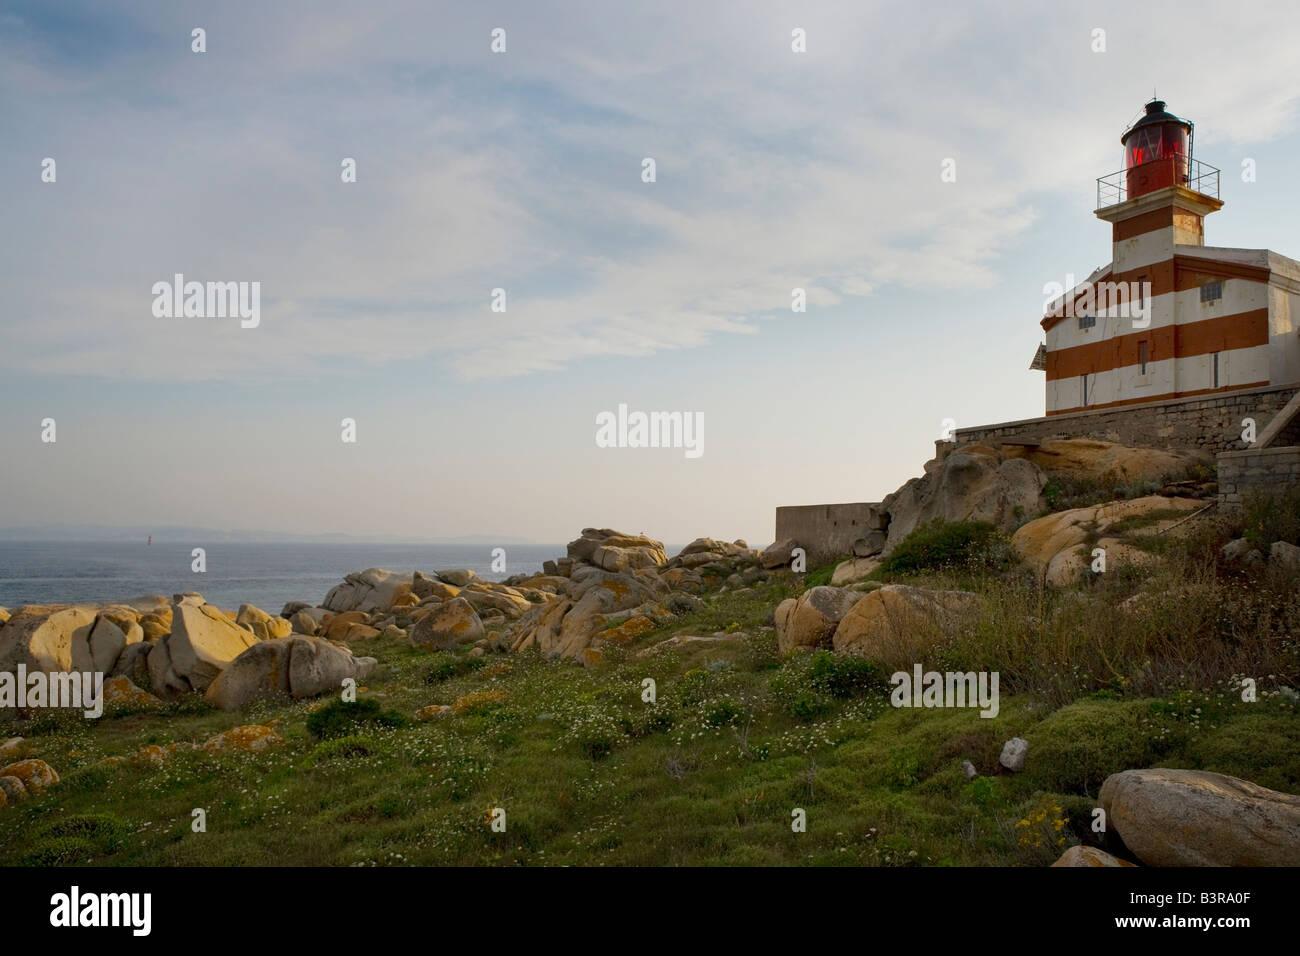 Faro de rayas rojas y blancas en el sur de Córcega Imagen De Stock